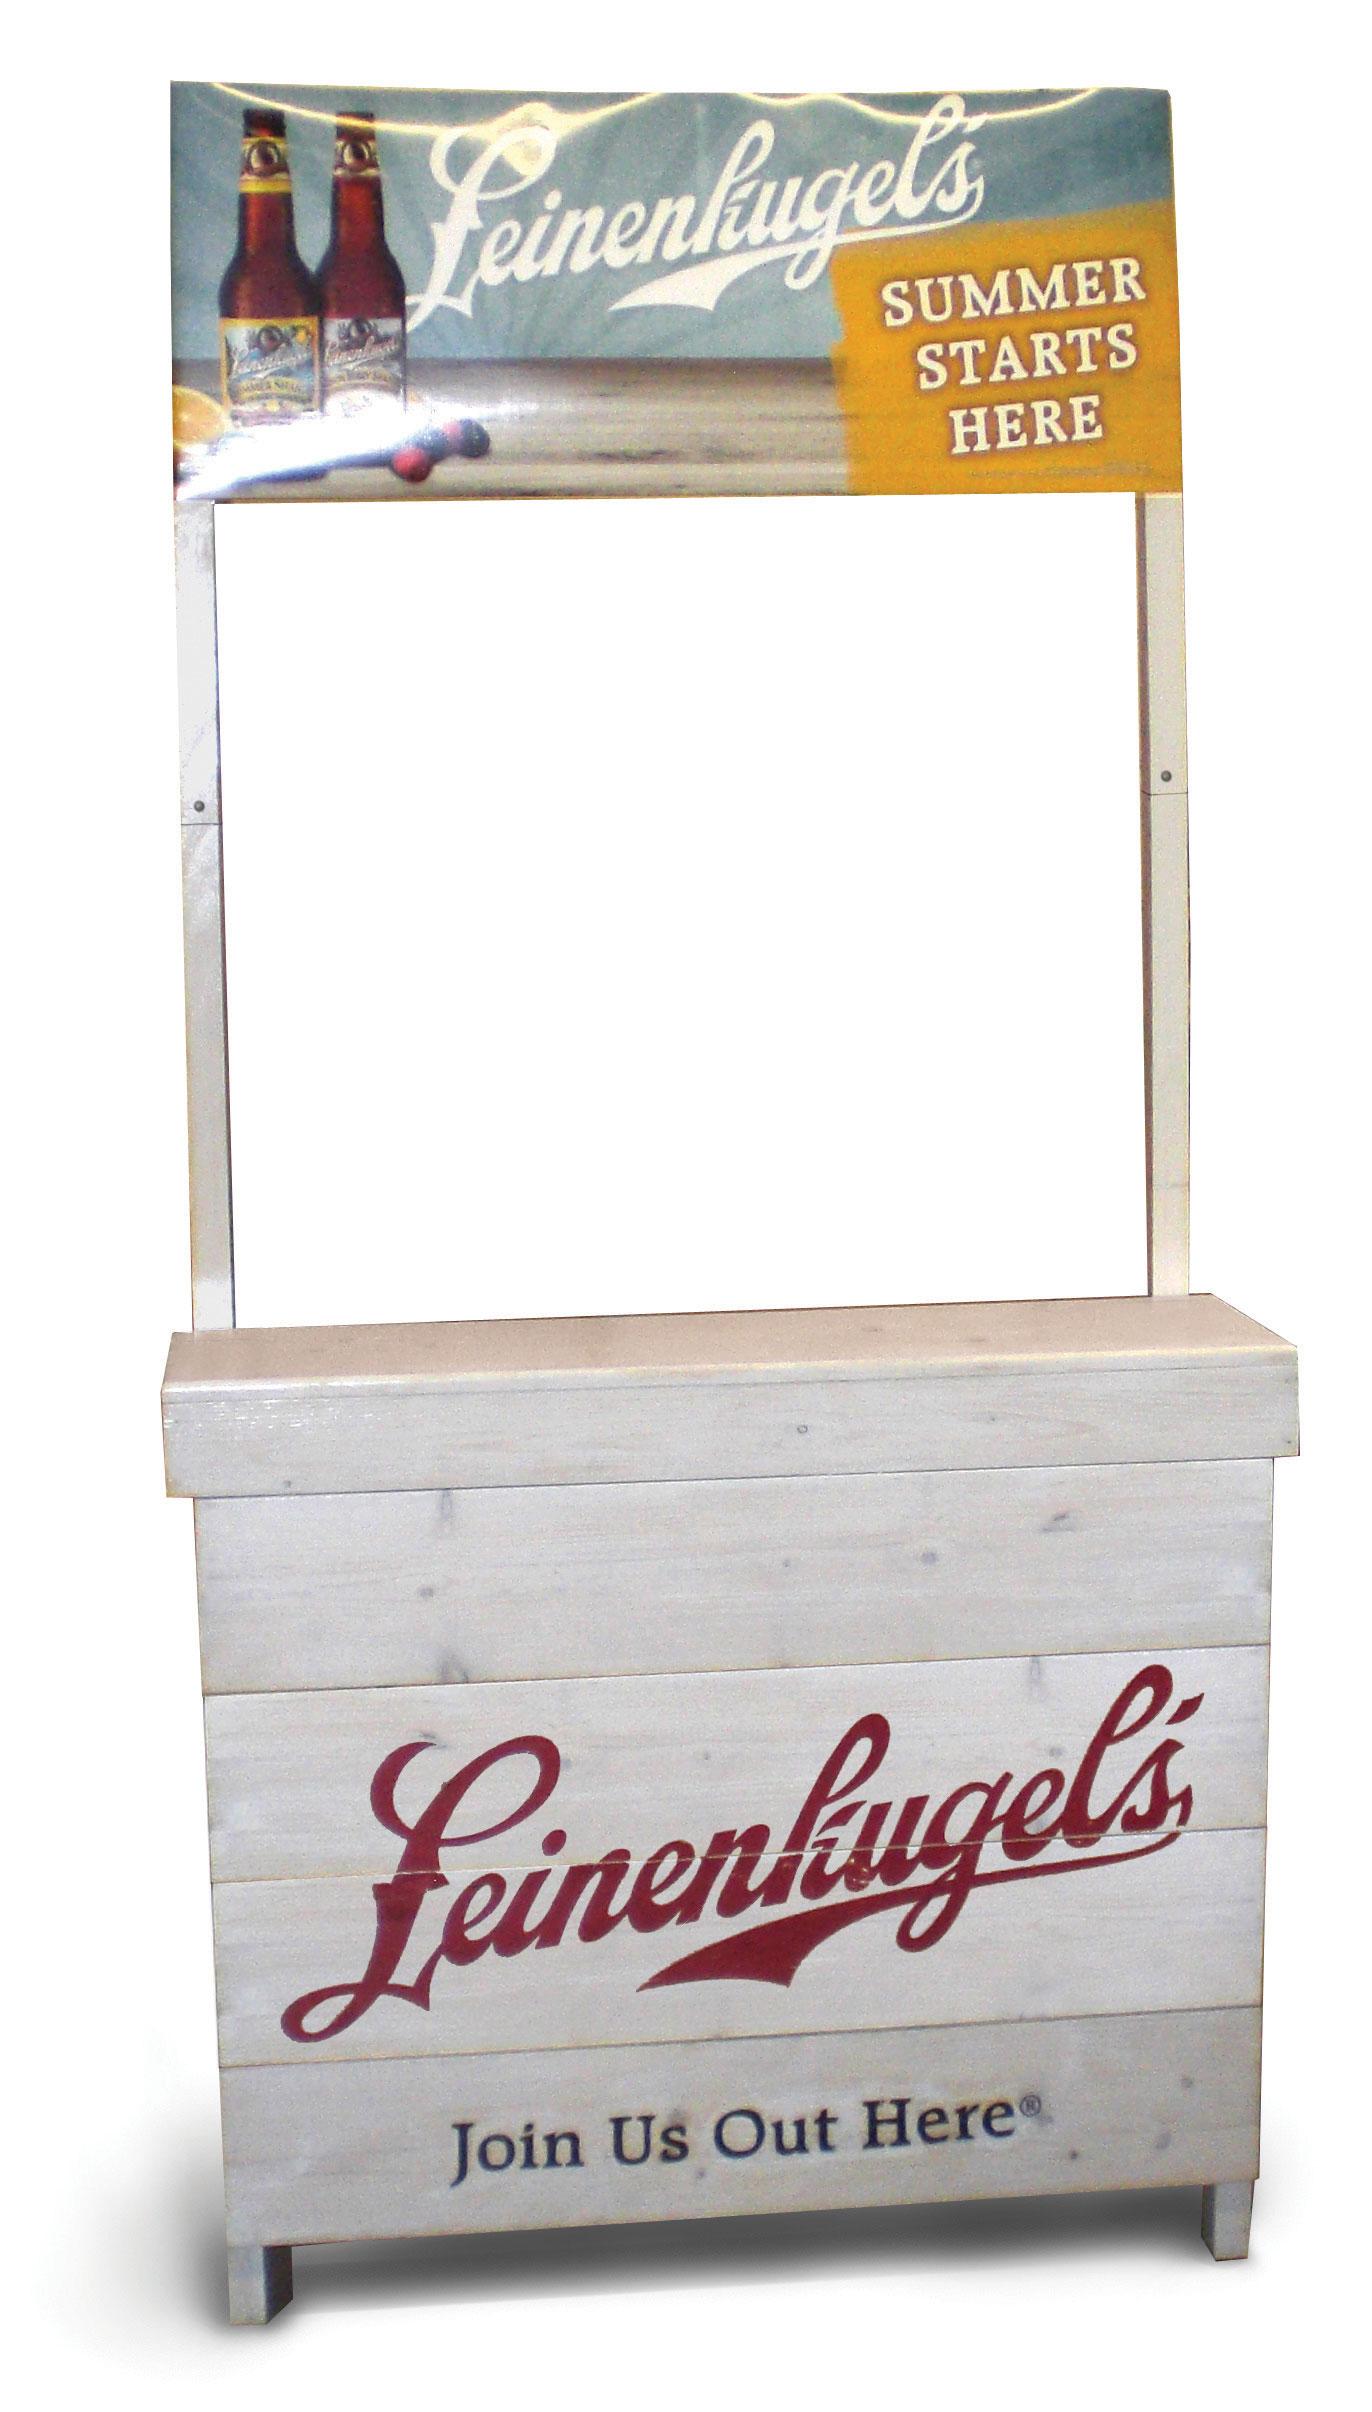 Leinenkugel's Tasting Stand